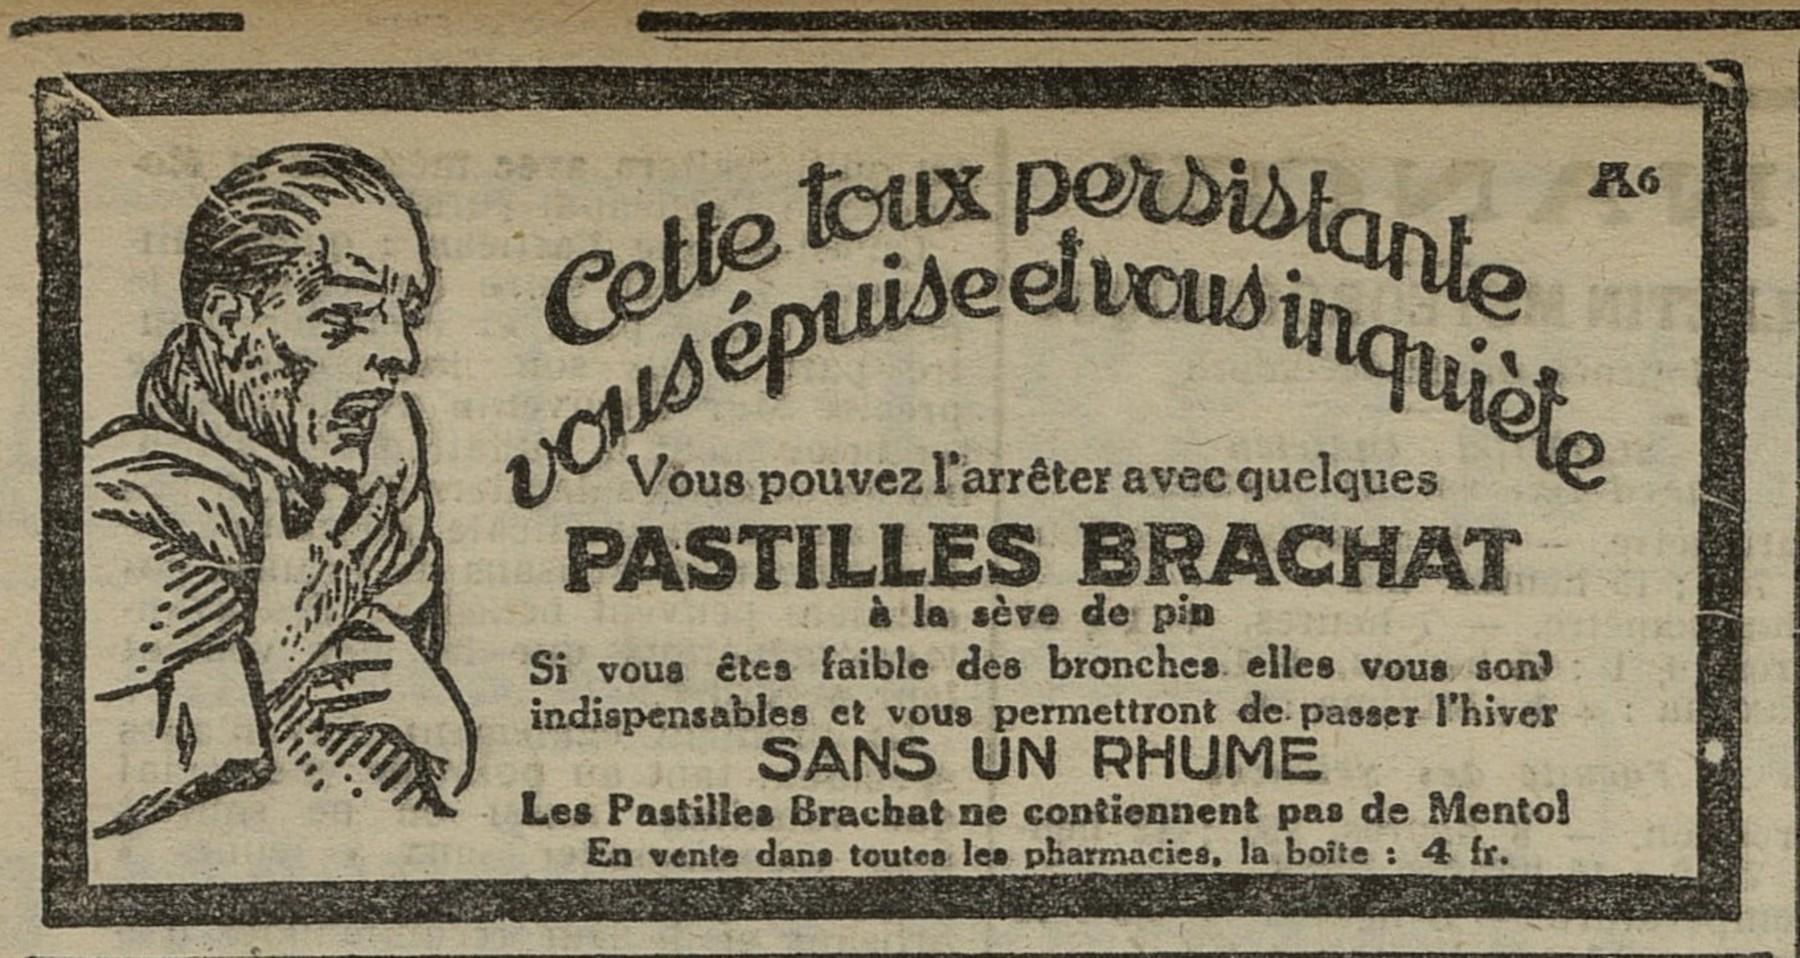 Contenu du Pastilles Brachat